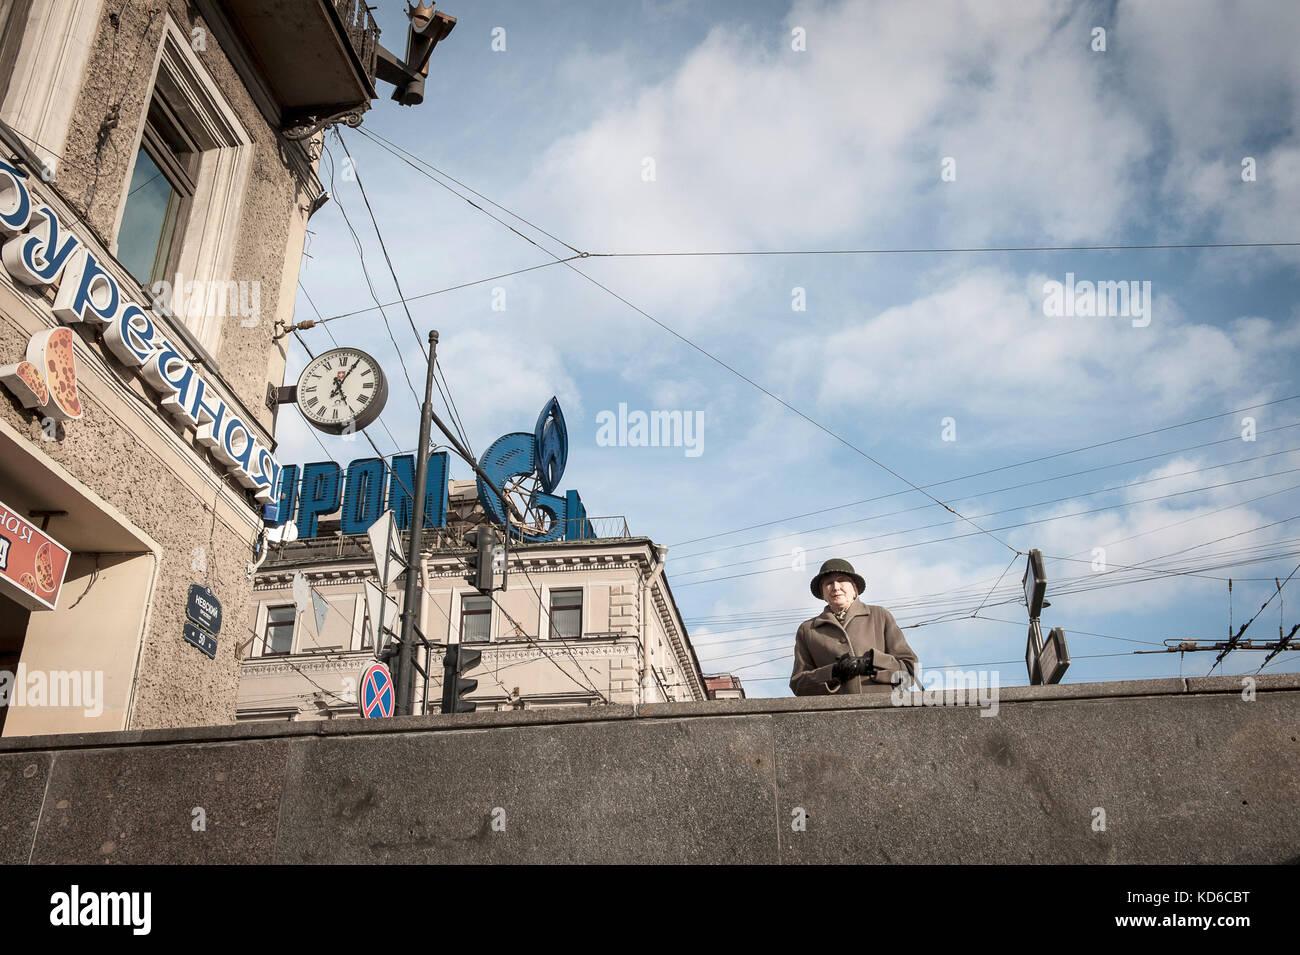 Une femme agée frequentare sur une passerelle sur l'avenue proskept à saint-petersbourg le 4 octobre Immagini Stock